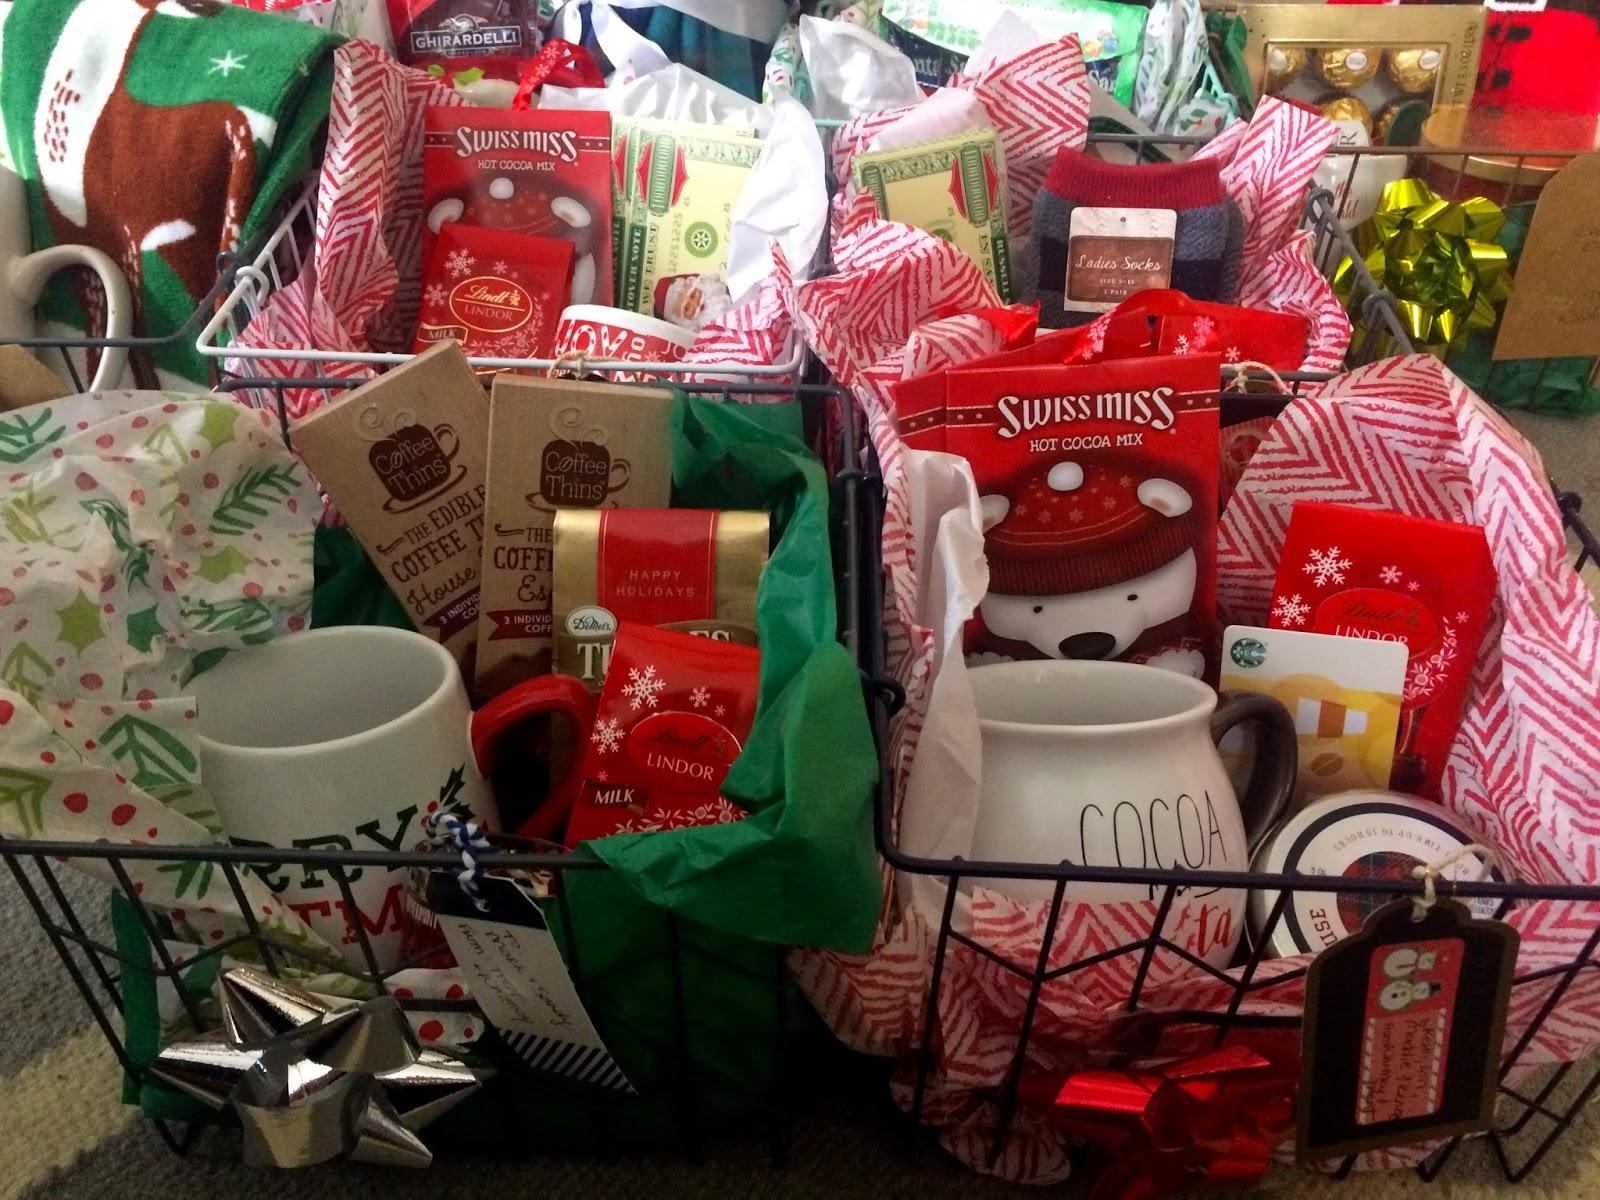 Christmas Gift Baskets Diy.Christmas Gift Ideas 71